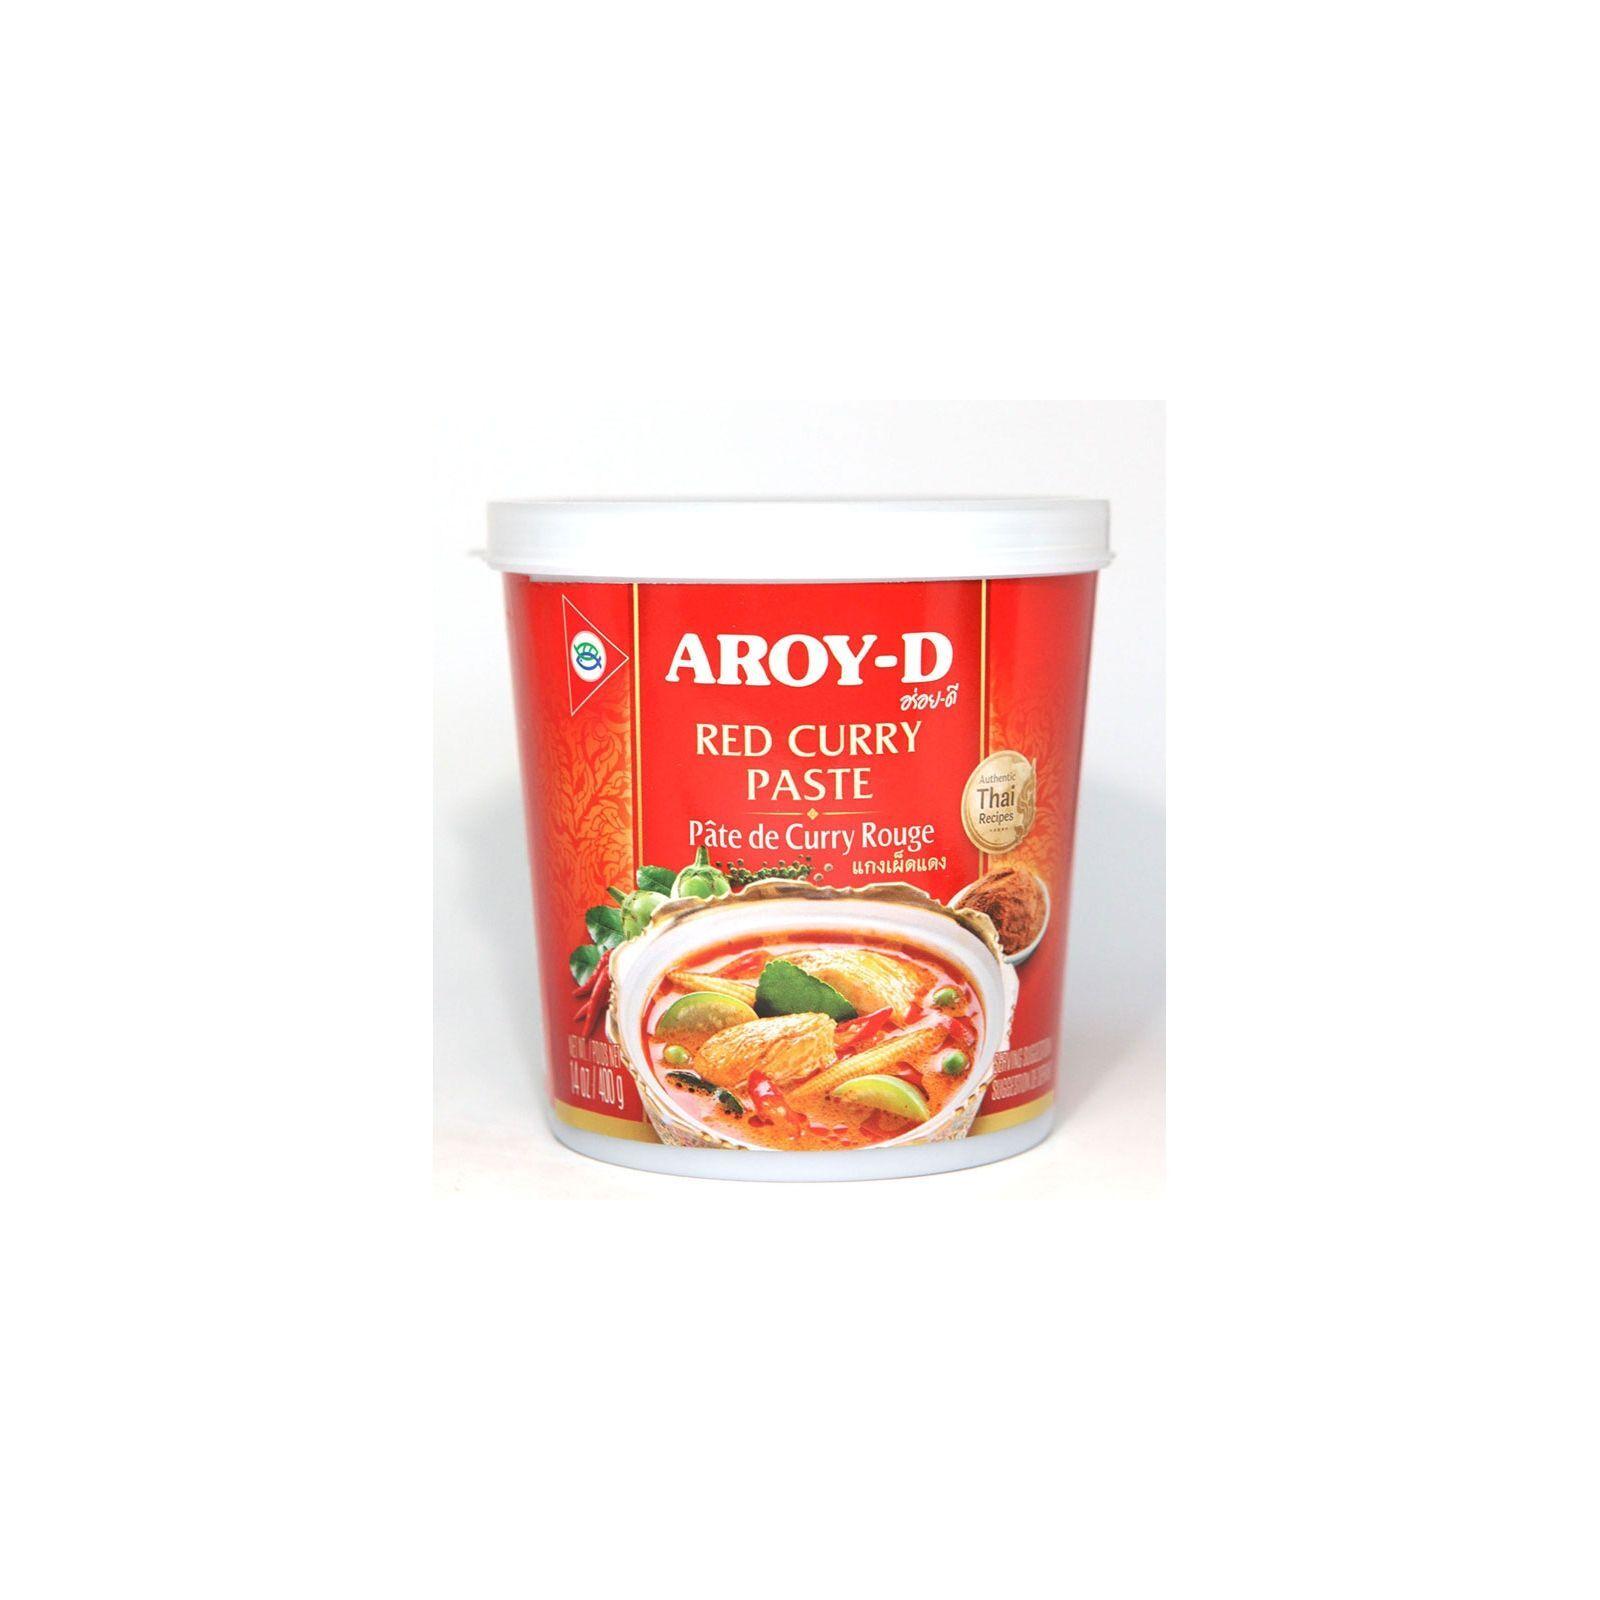 Asia Marché Pâte de curry rouge Thaïe 400g Aroy-D